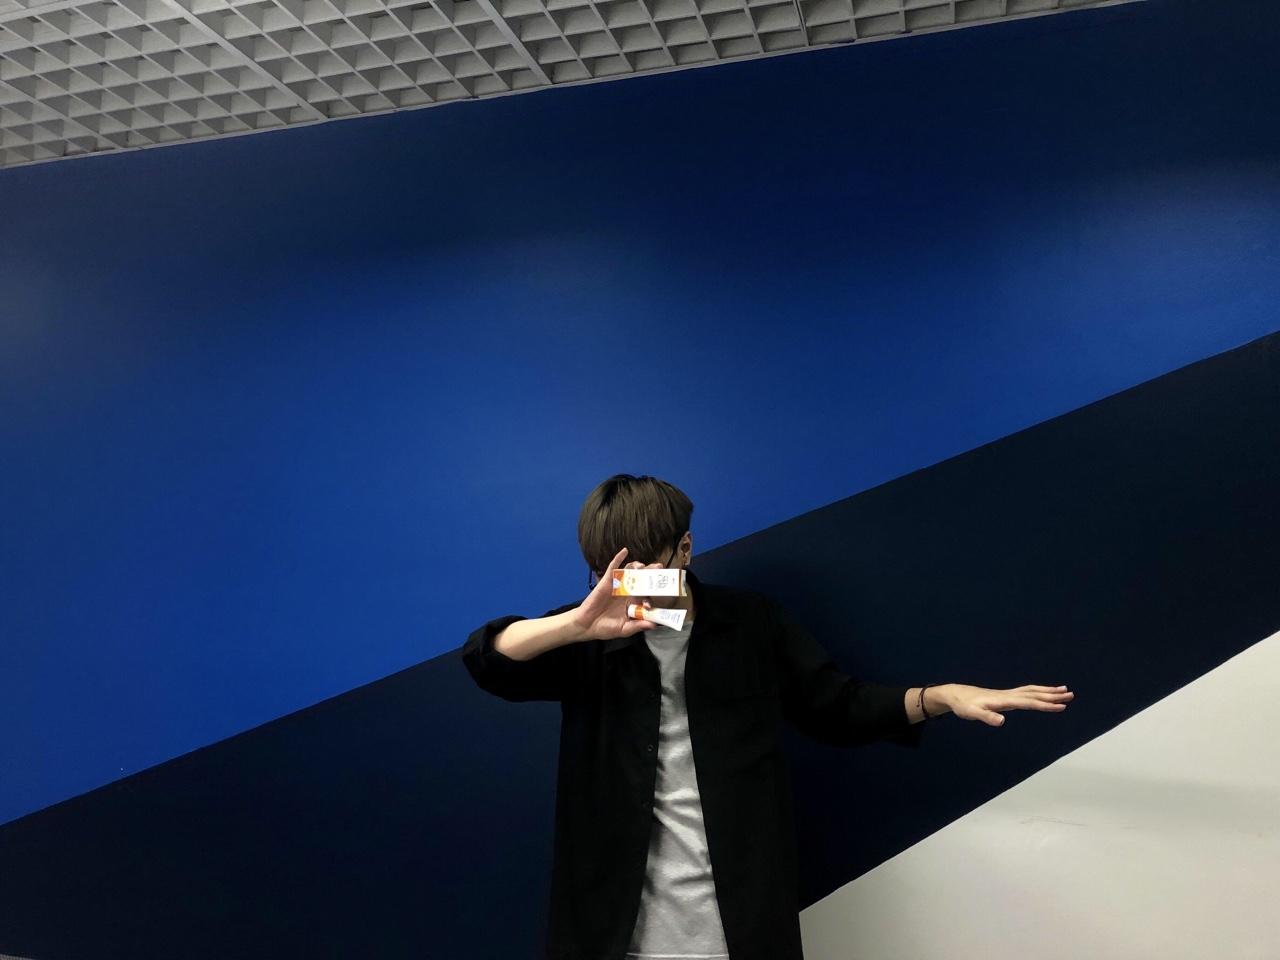 [Review] ♡ Duy Khánh ♡ gia nhập team CFVY* của Vietlife Skincare Nano ngay từ cái nhìn đầu tiên 4